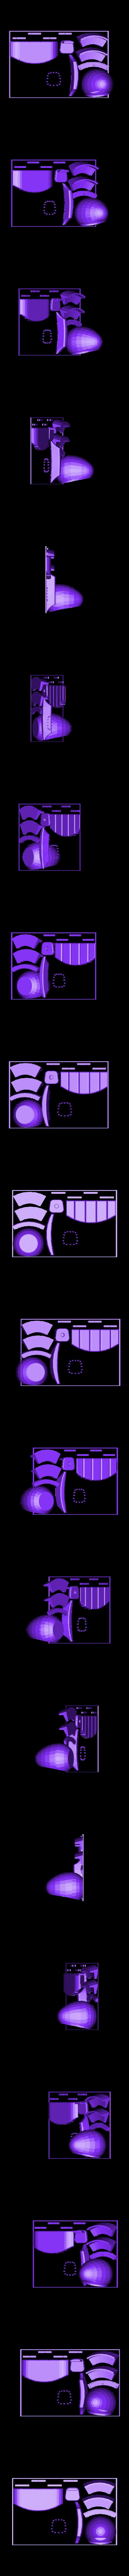 SciFi_Plate_1_Accent.stl Télécharger fichier STL gratuit Plaques d'impression SciFi Playset • Objet à imprimer en 3D, gabutoillegna56